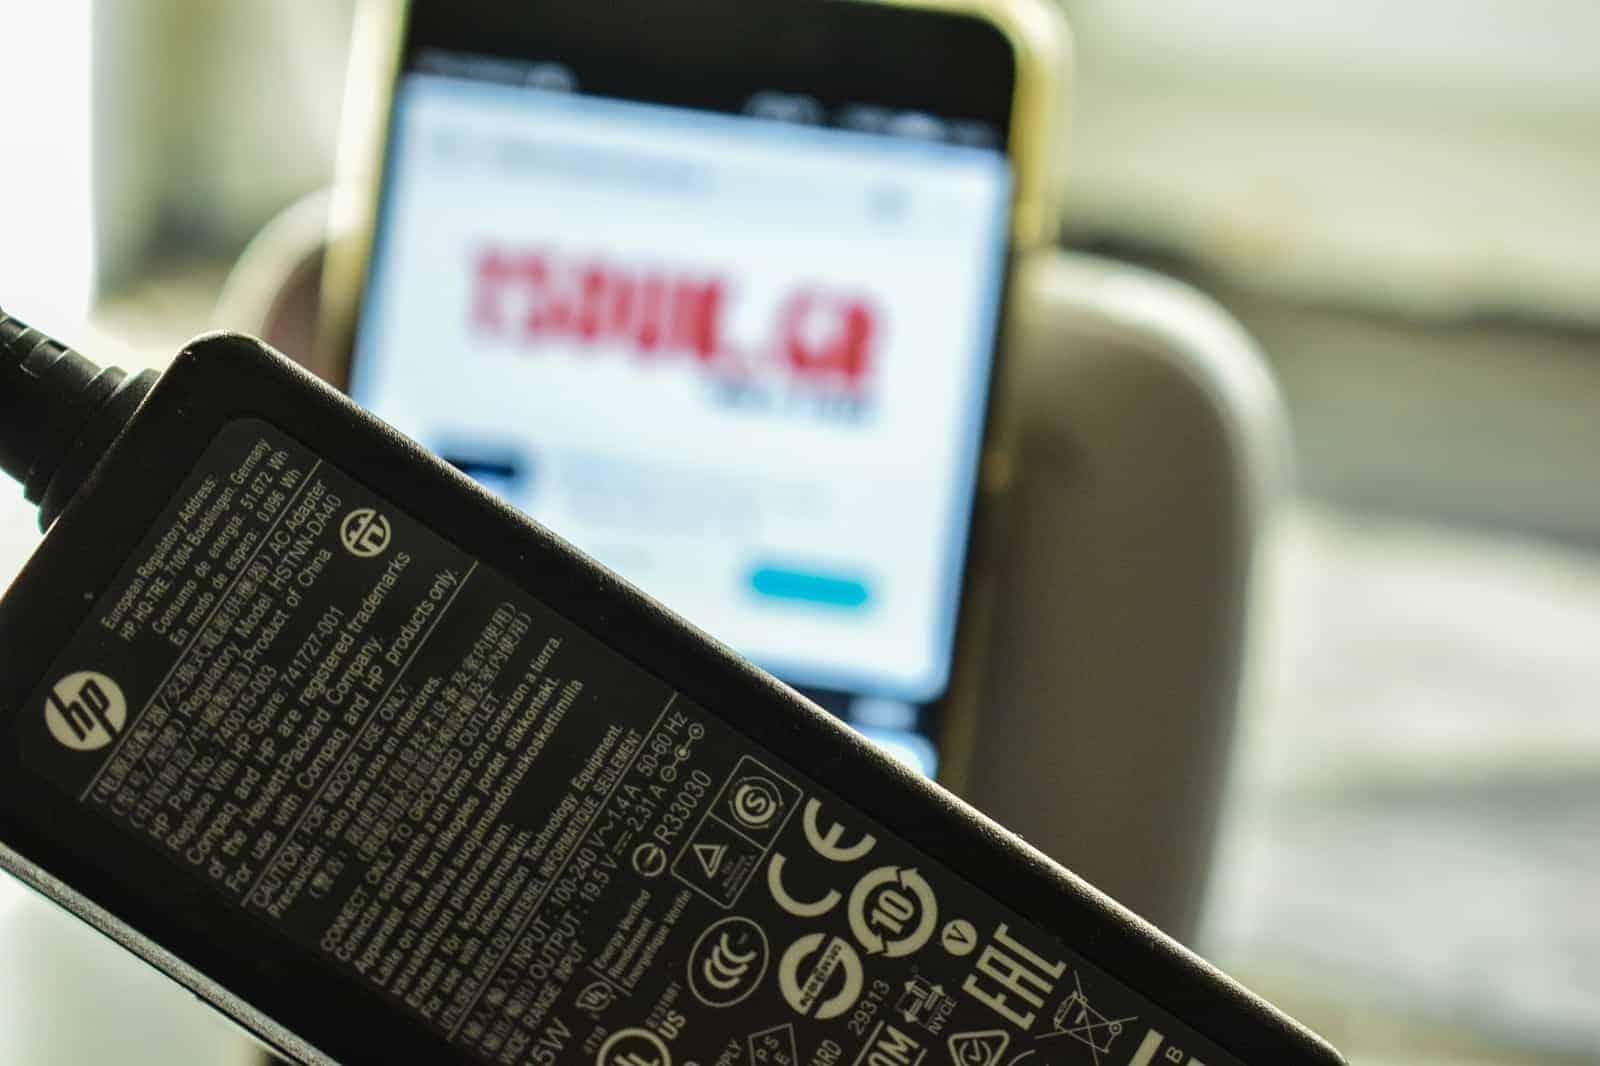 Δεν φορτίζει η μπαταρία του laptop - Τι φταίει και πως να το φτιάξεις